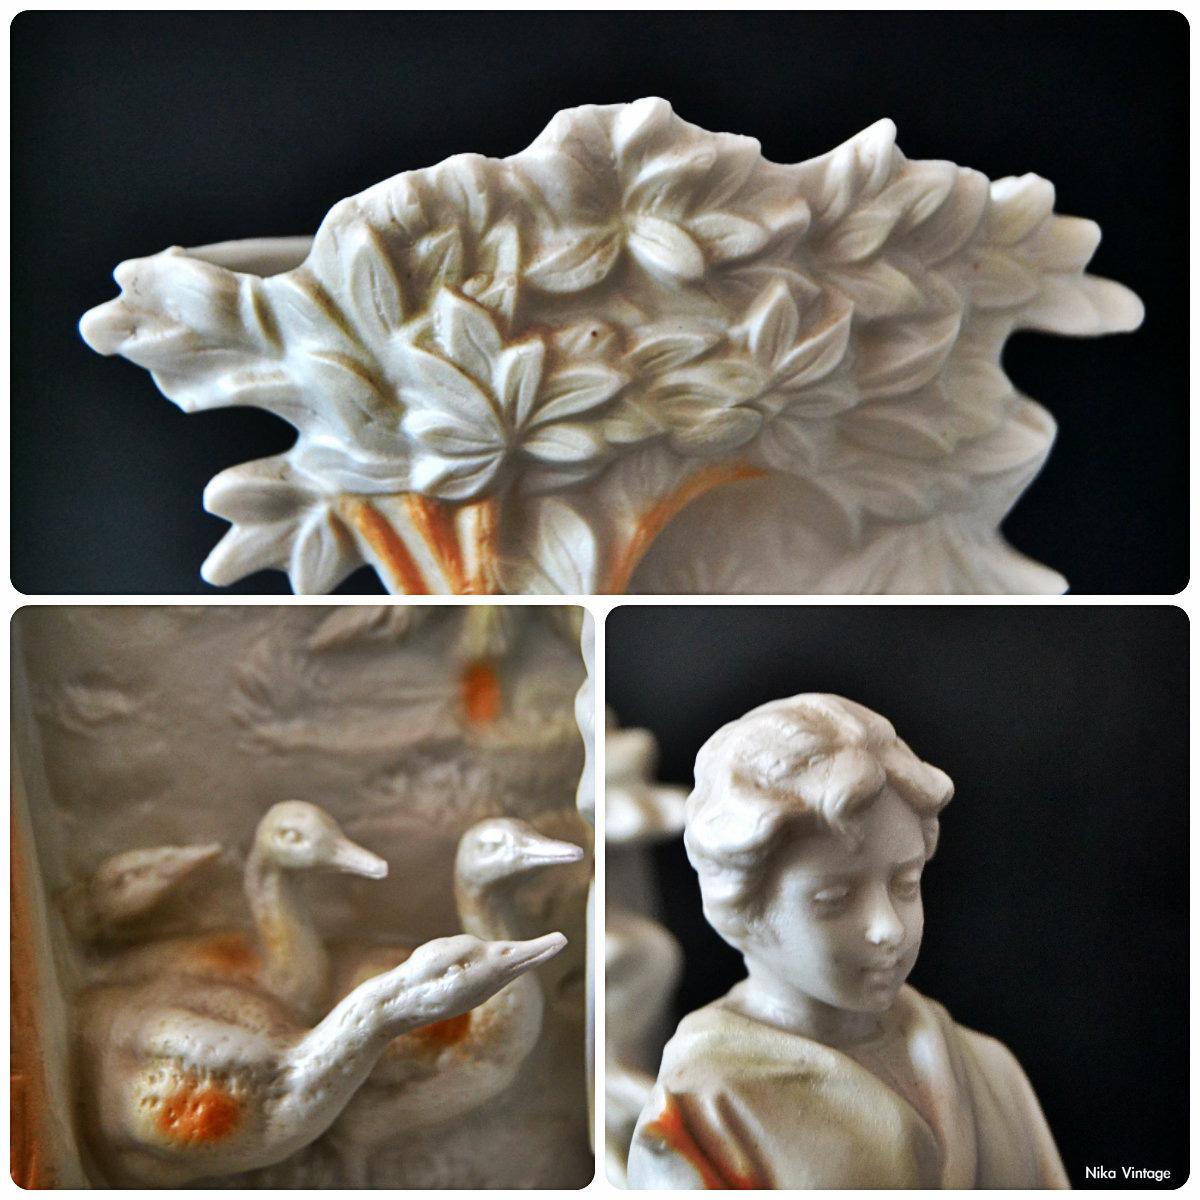 porcelana, Biscuit, francesa, jarron, conjunto escultorico, porcelana Bisculit, figura